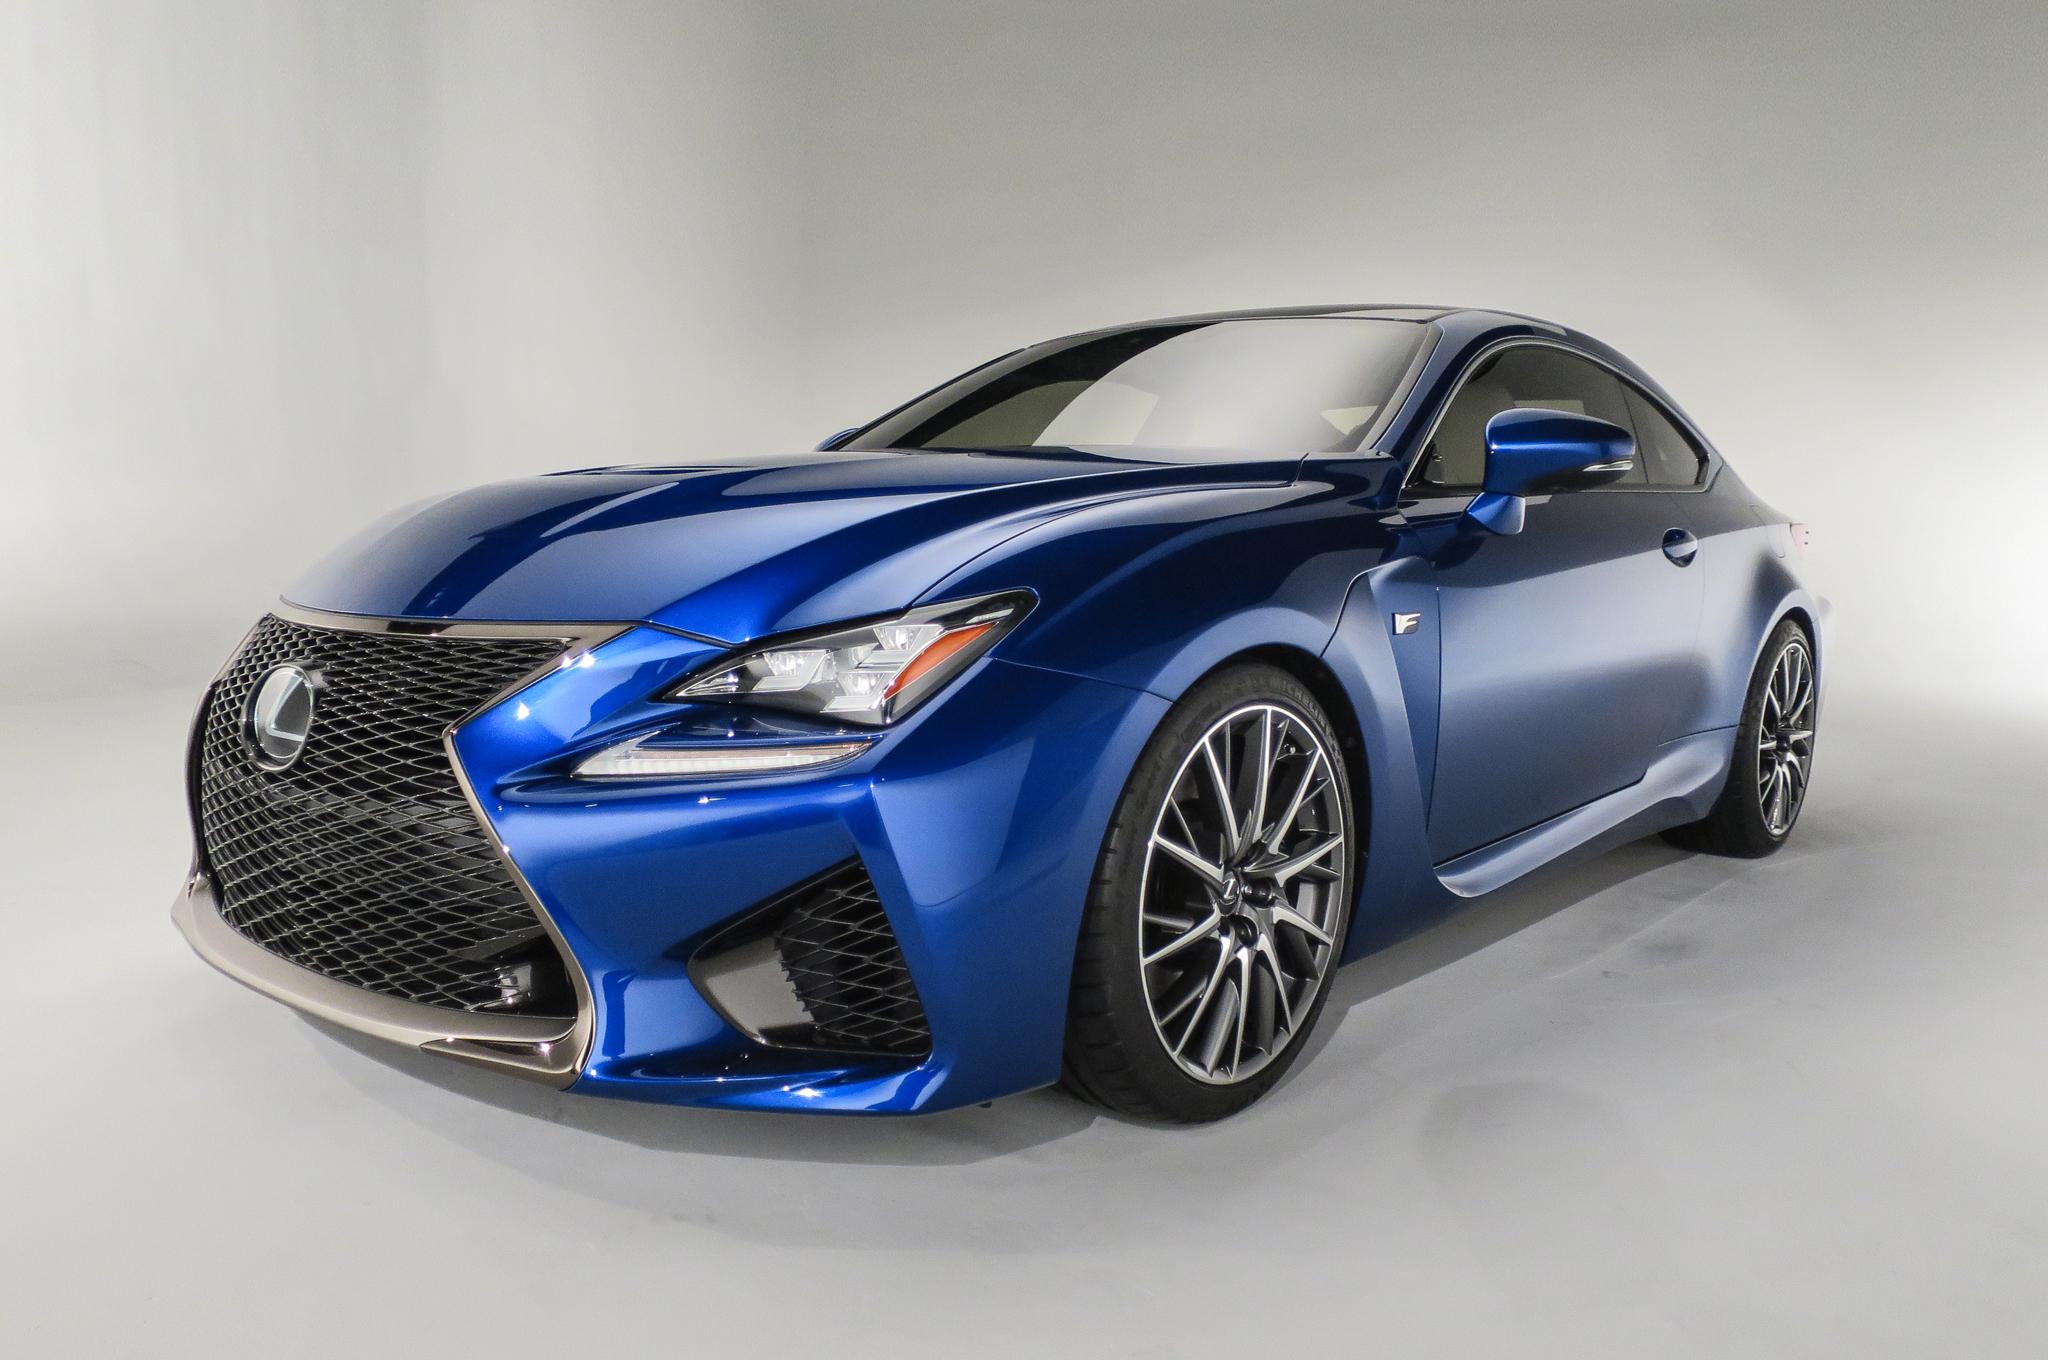 2015 Lexus RC F Design Photo